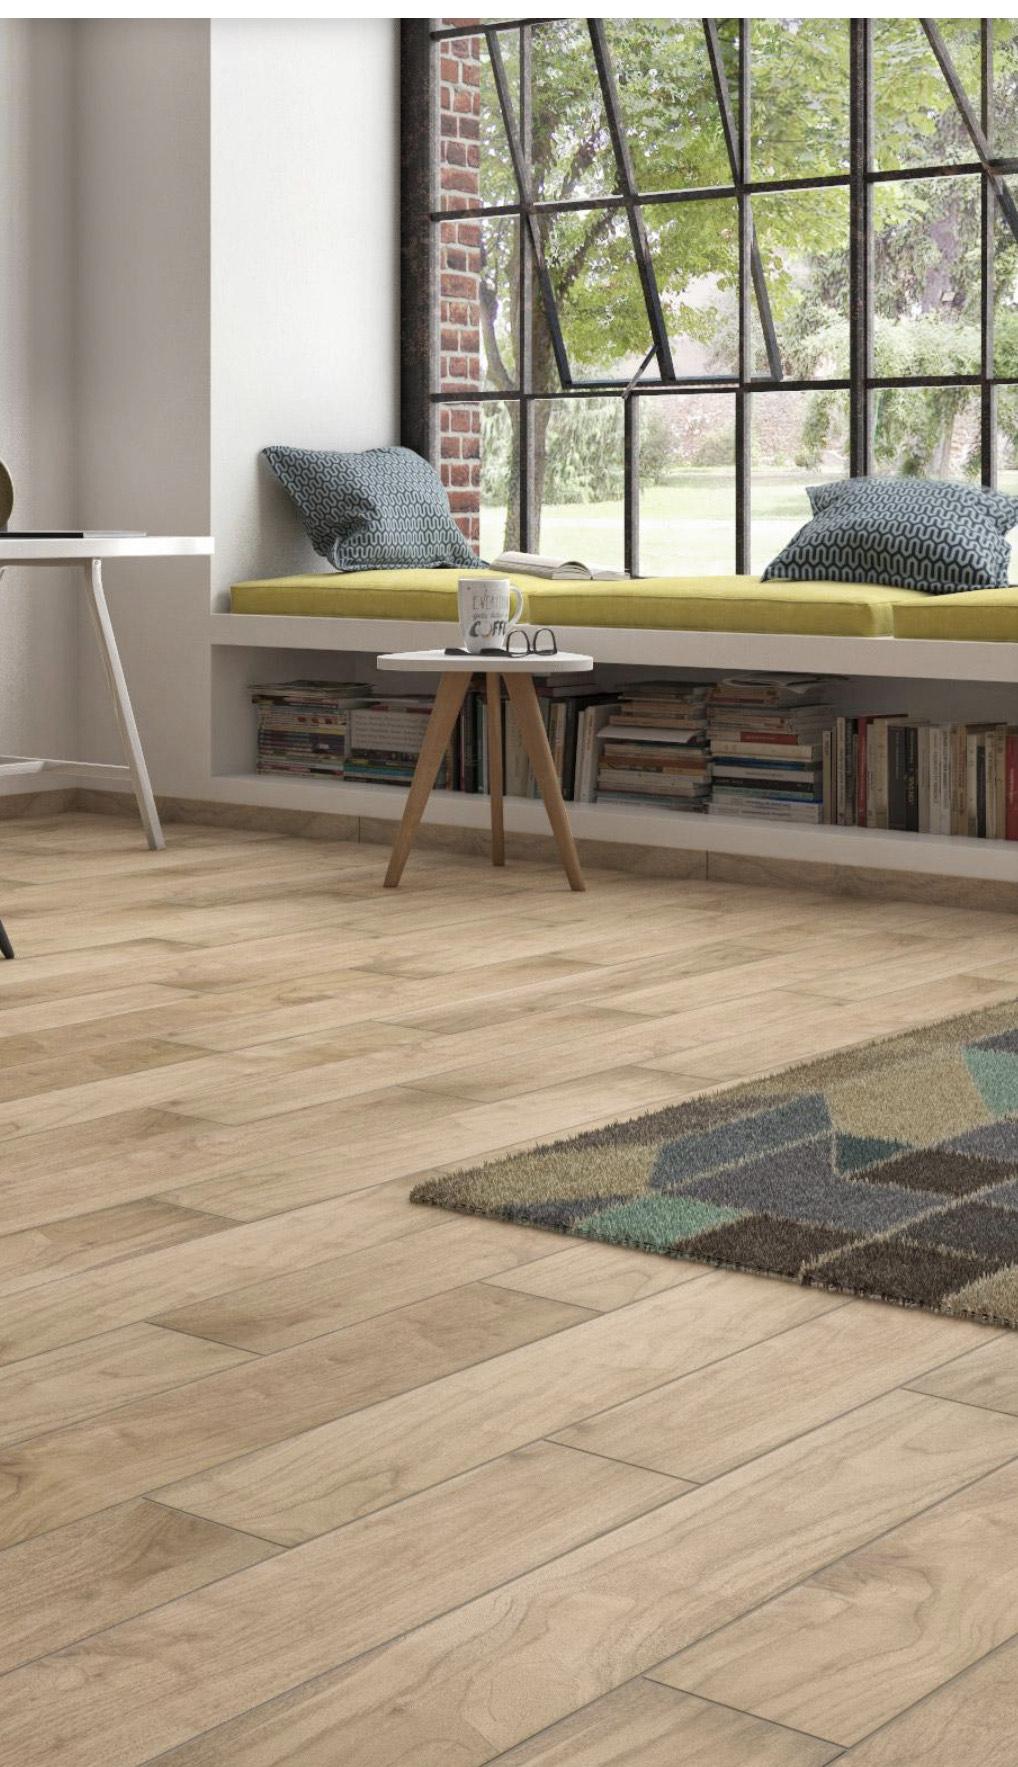 Carrelage sol et mur forte effet bois naturel Spania - l.15 x L.90 cm à 12.95€/m²